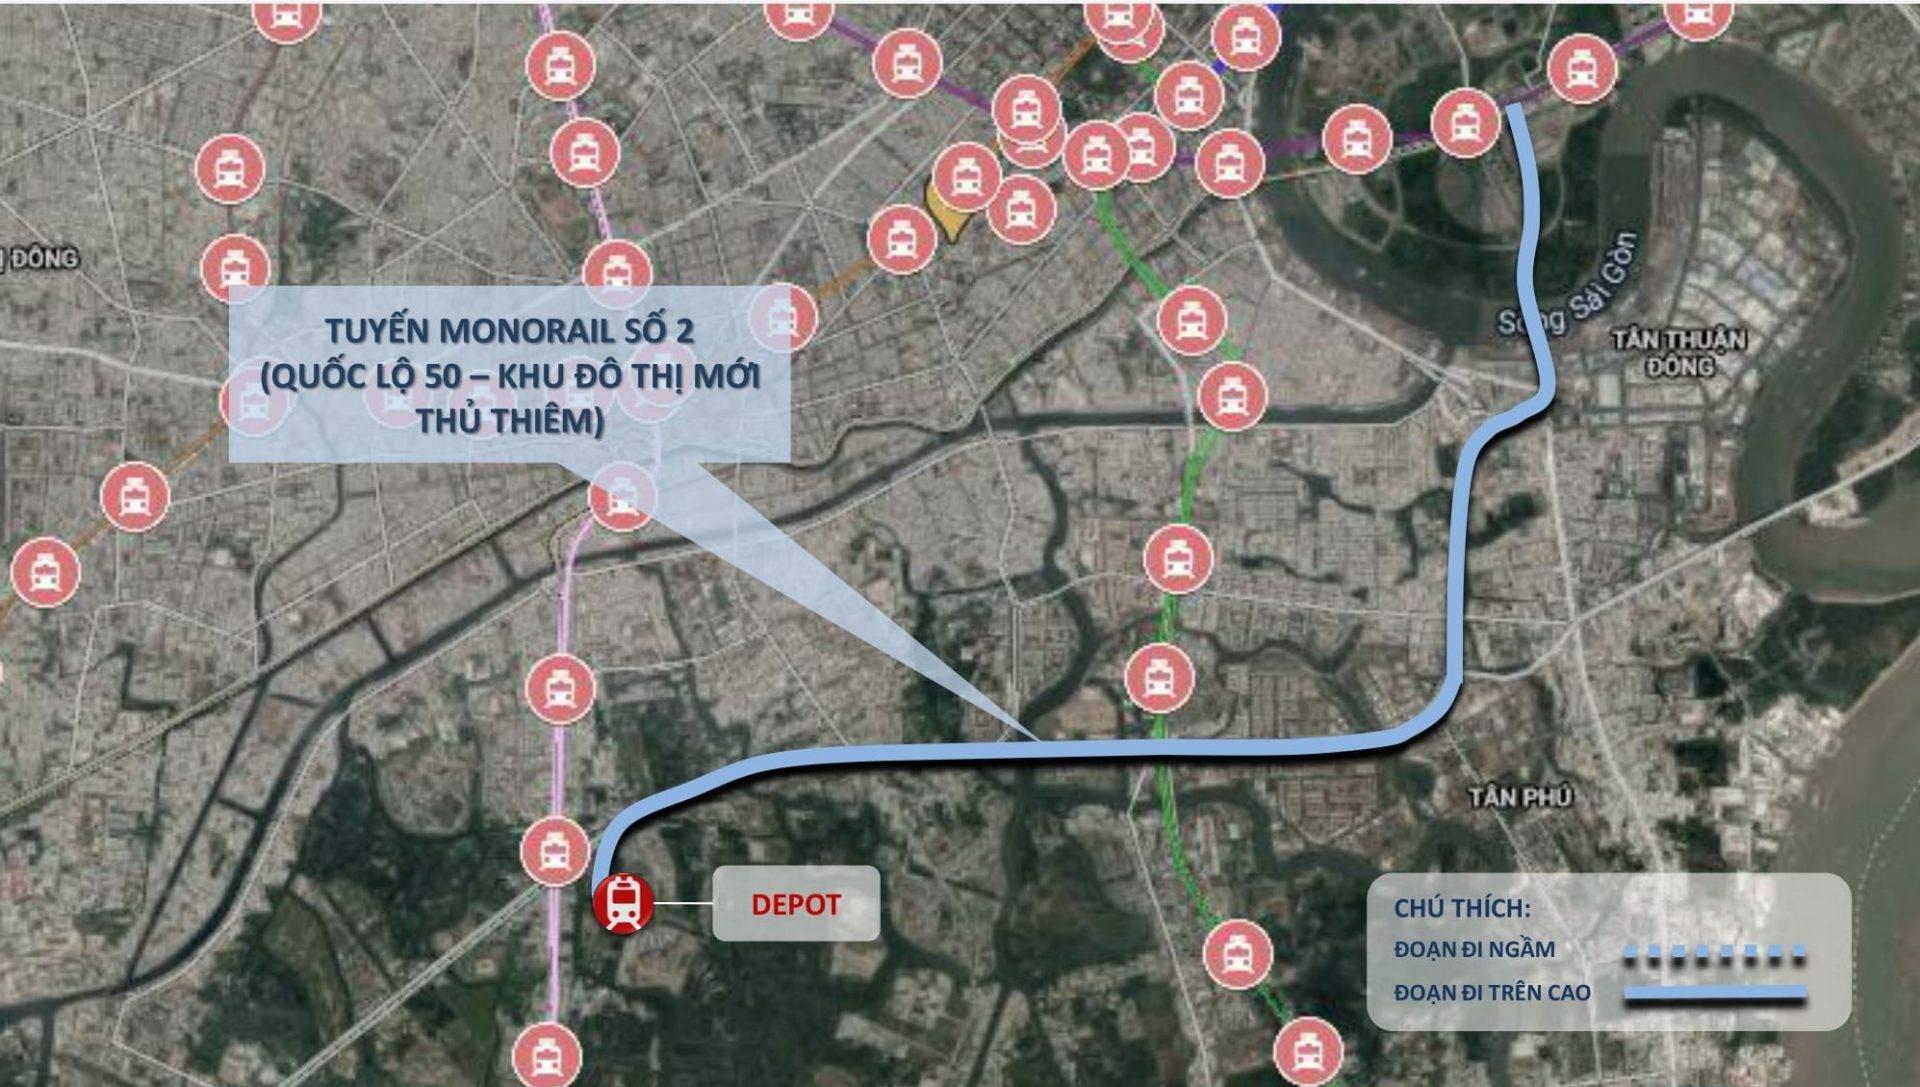 Tổng mức đầu tư của tuyến monorail số 2 là 350 triệu USD (thời điểm lập quy hoạch) - Yeshouse